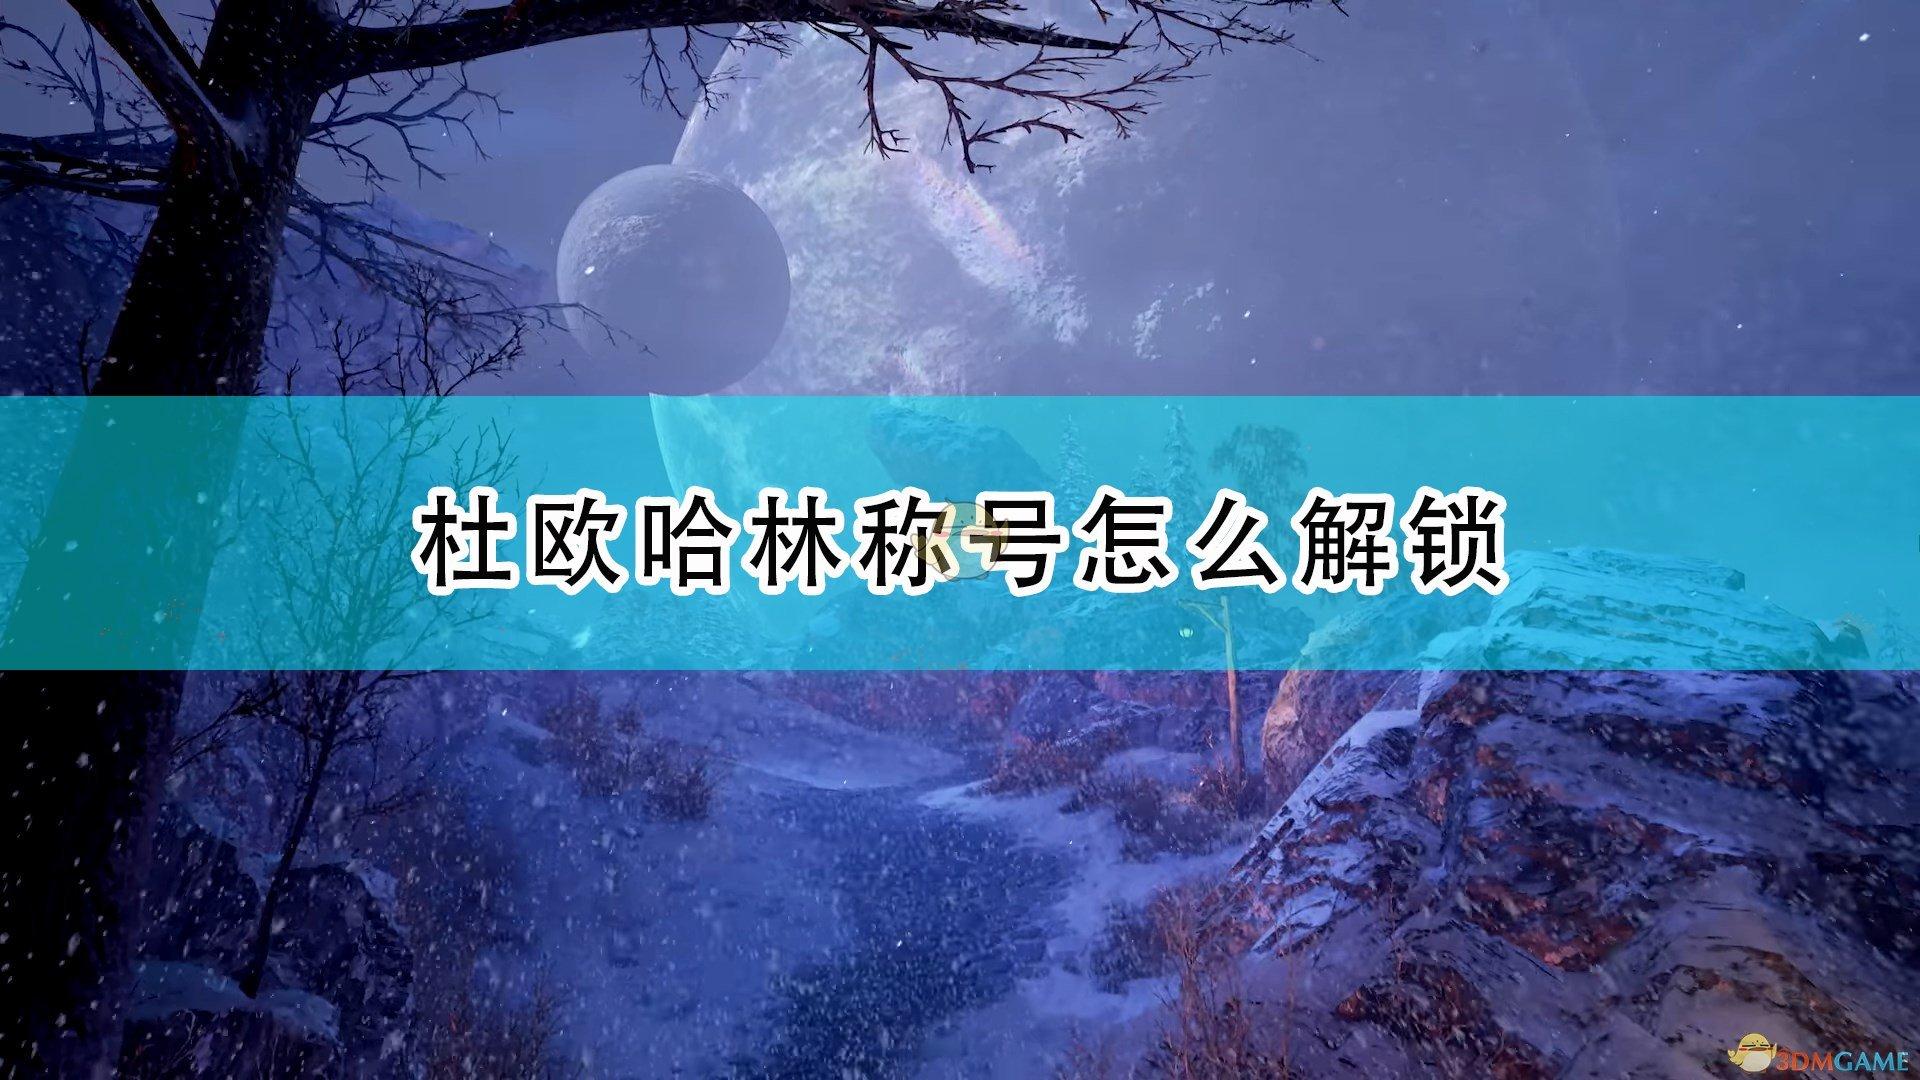 《破晓传说》杜欧哈林全称号解锁条件介绍